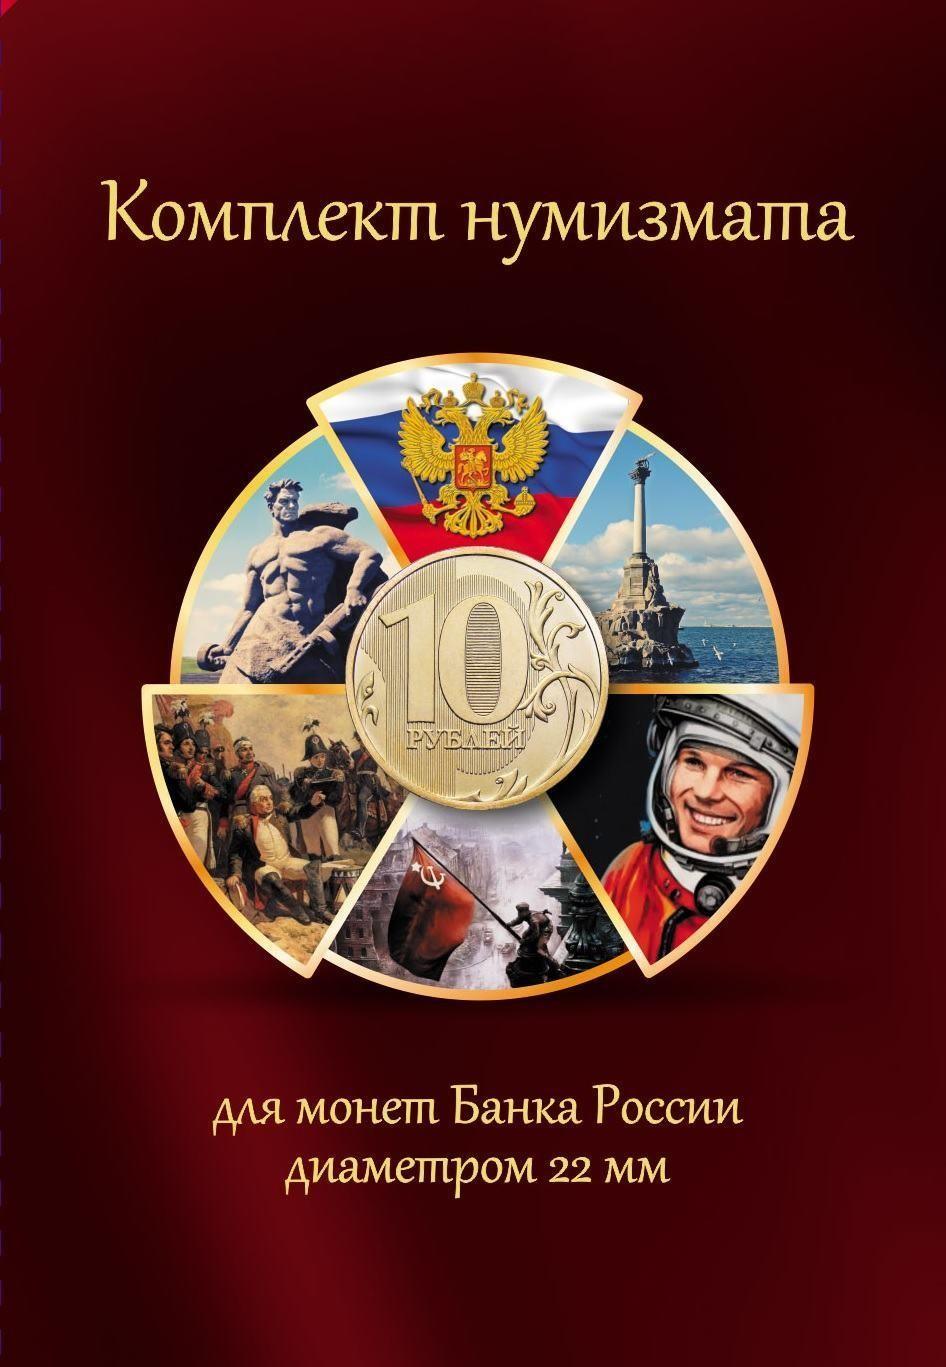 Альбом серии Все в Одном - 10р Комплект Нумизмата